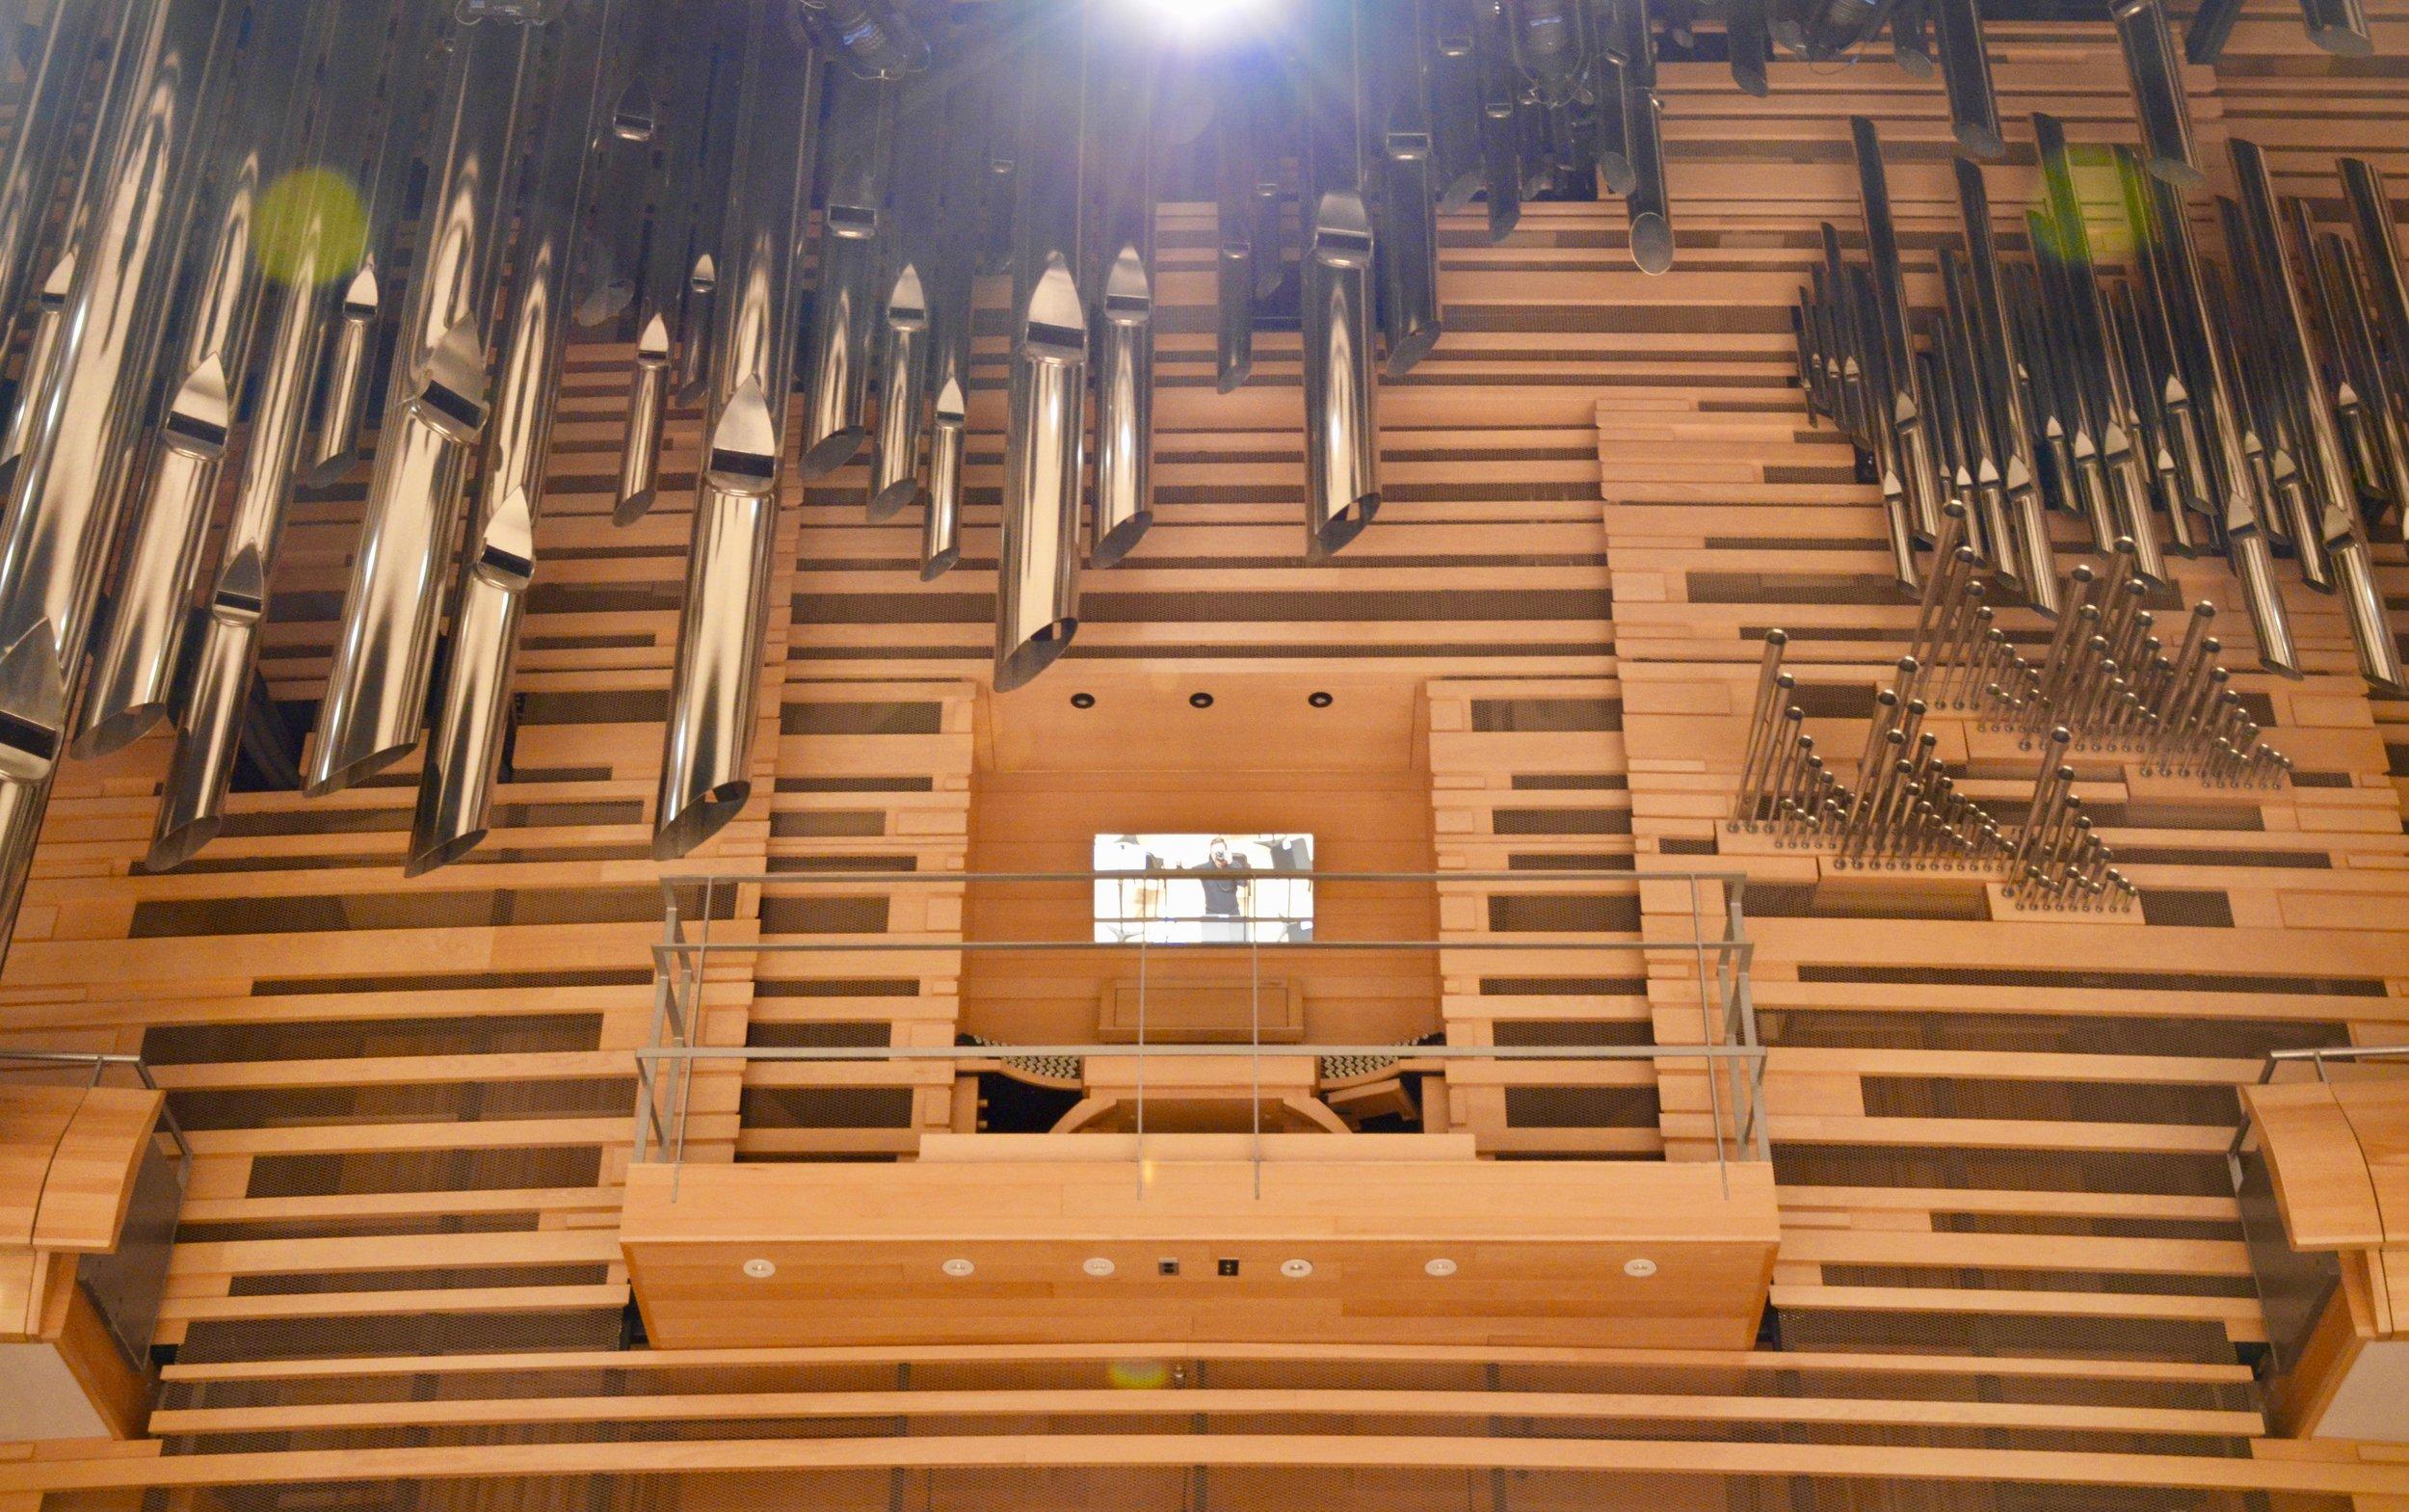 Grand Orgue Pierre-Béique (Casavant) in Maison Symphonique, Montréal